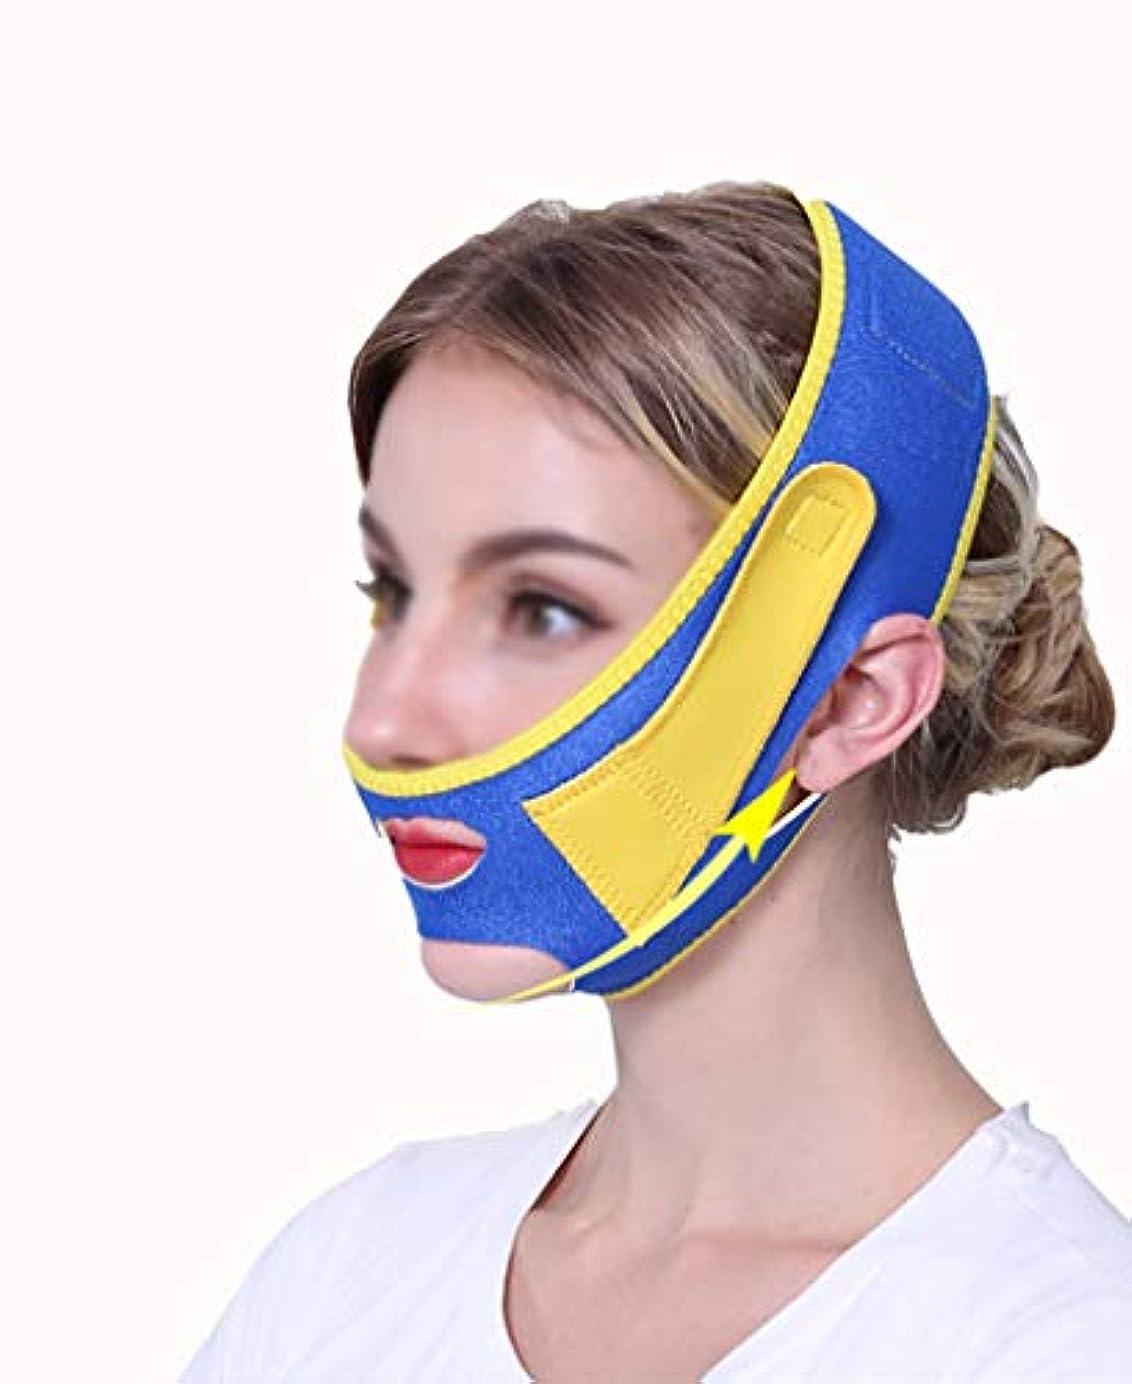 アフリカ人今電池GLJJQMY 薄いフェイスマスクあごストラップ回復包帯薄いフェイスマスクVフェイスステッカーフェイスステッカー韓国本物のリフティング引き締め形状の薄い二重あごの薄い顔の睡眠包帯アーティファクト 顔用整形マスク